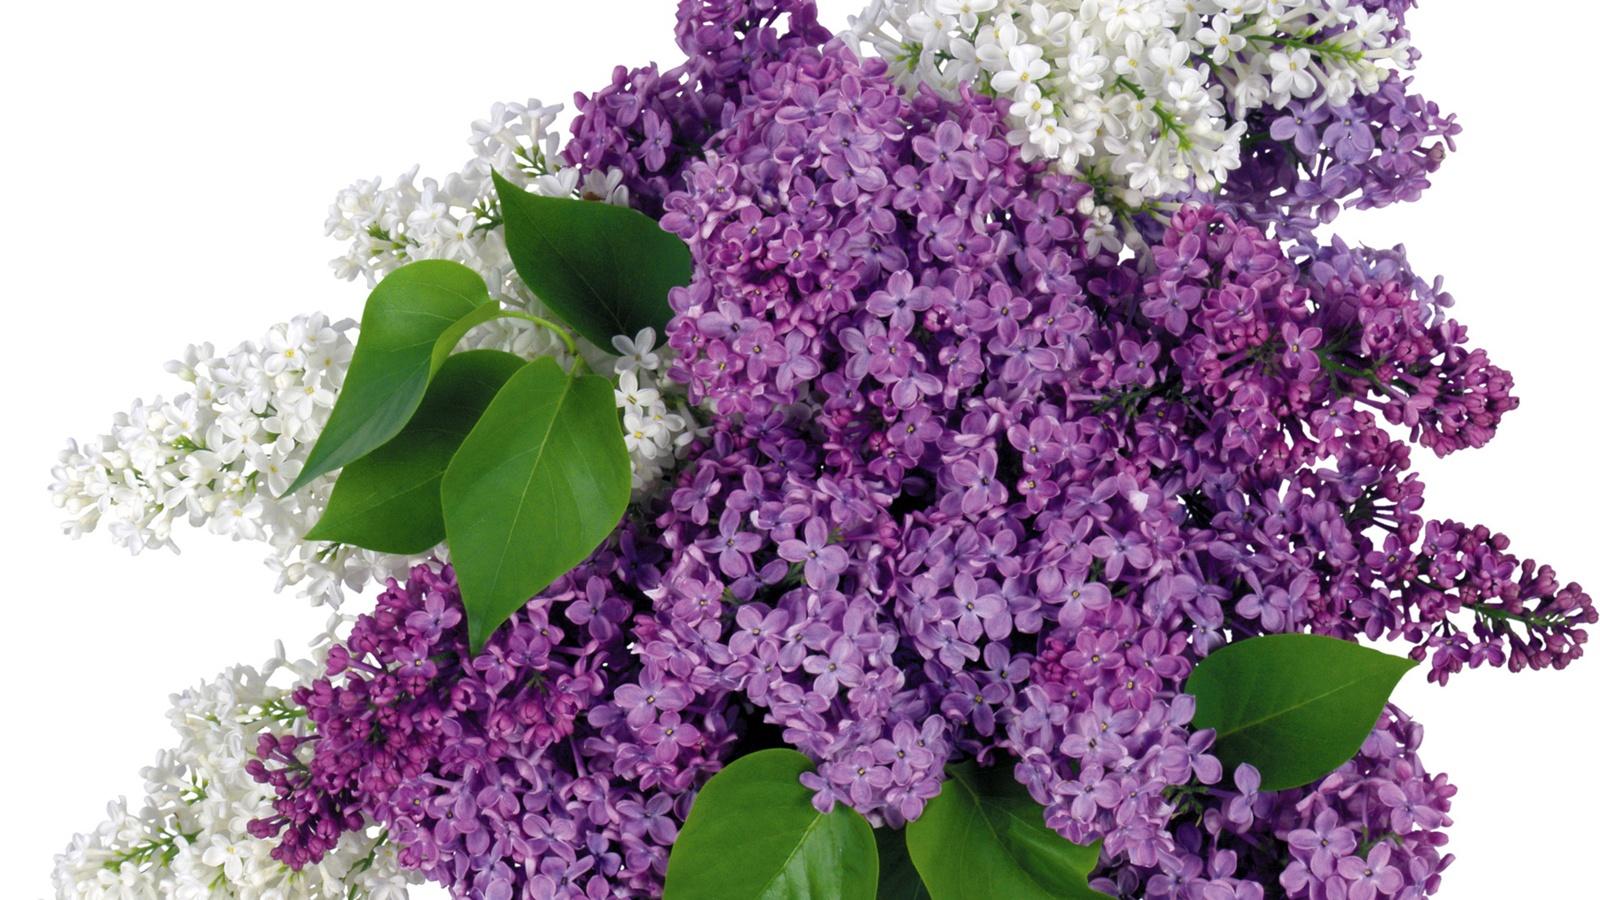 Fonds d 39 cran t l charger 1600x900 fleurs lilas fond hd for Bouquet de fleurs lilas